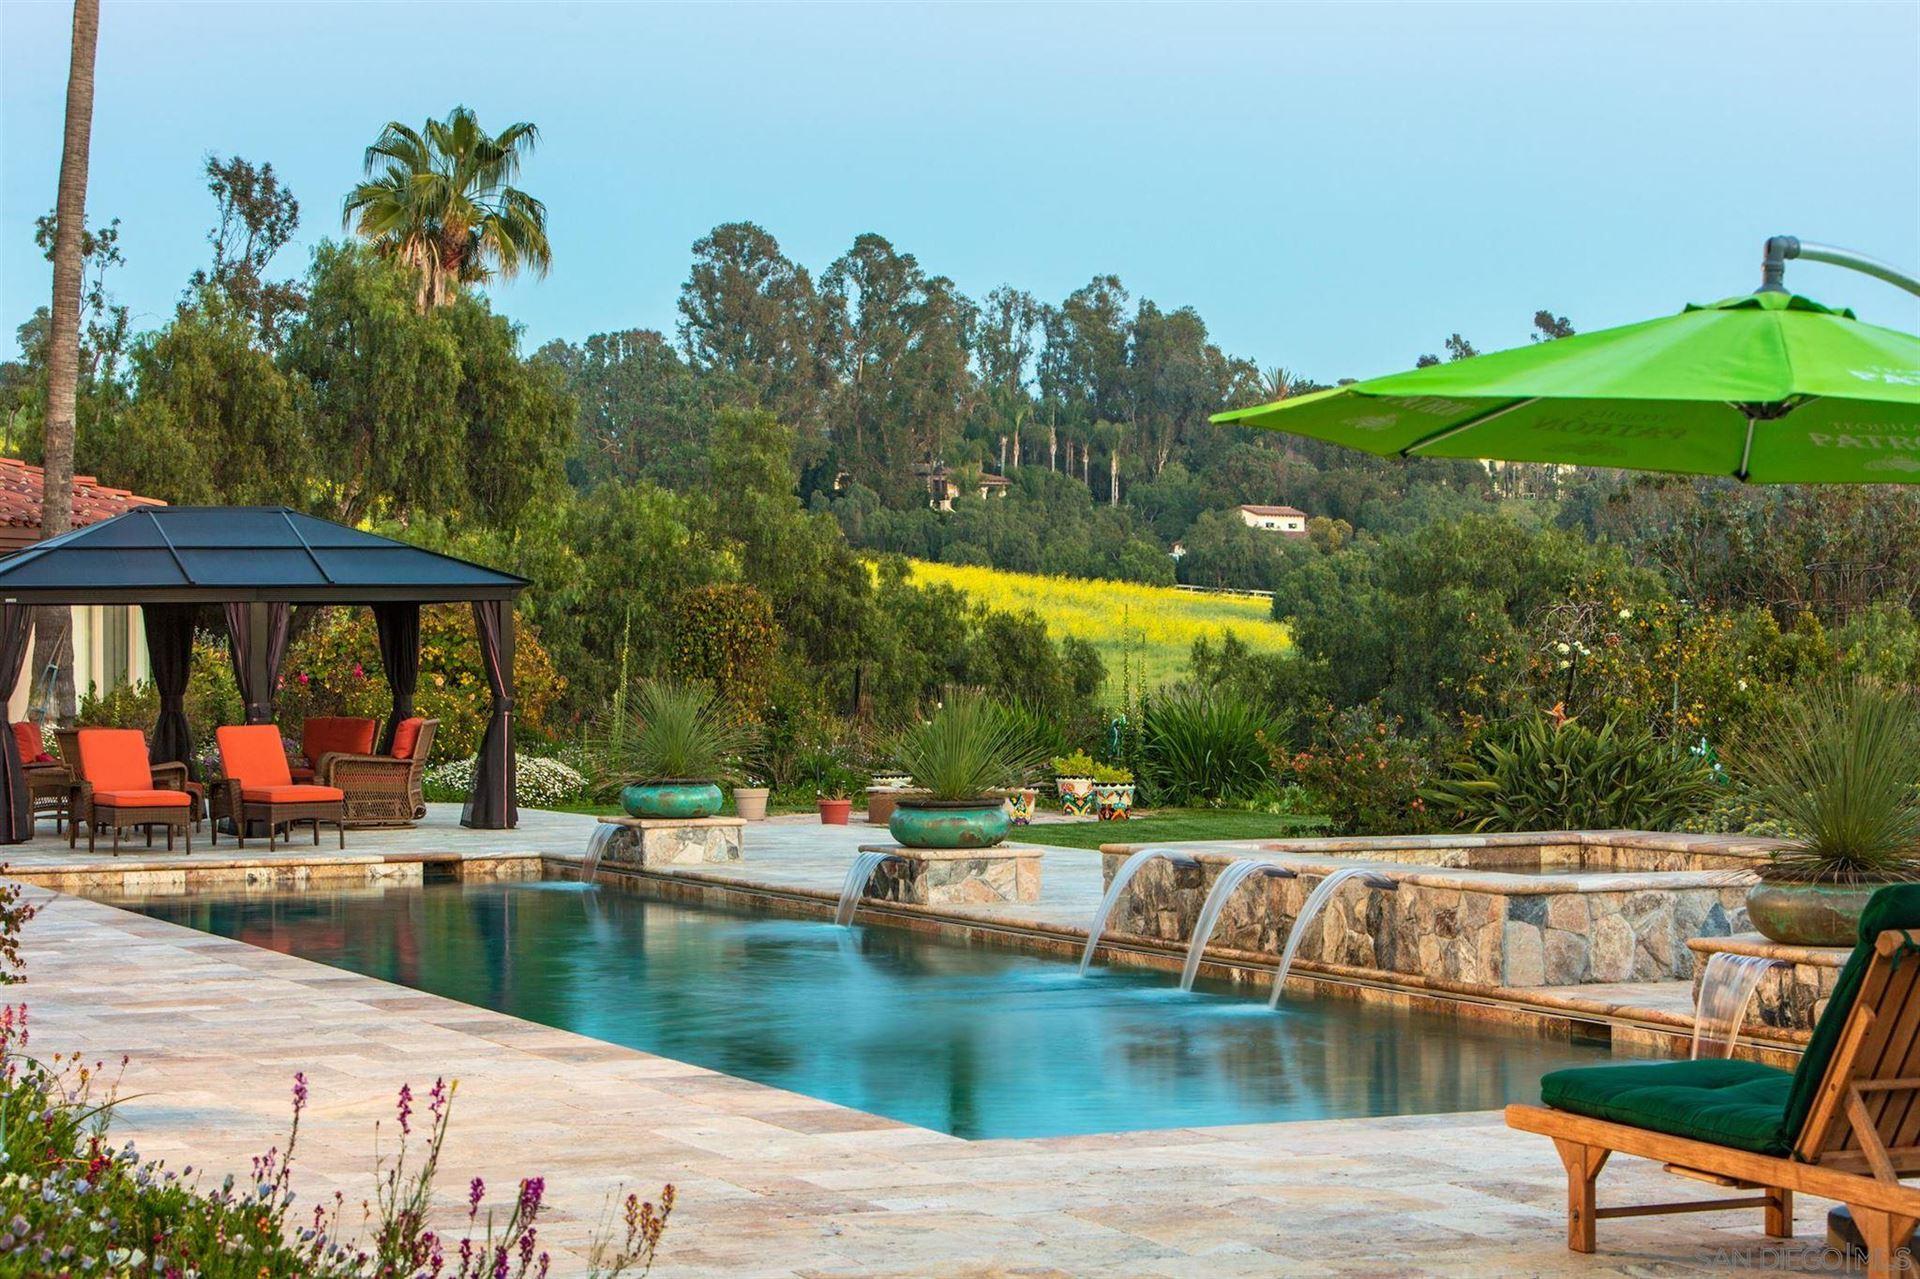 18022 Loma Alegre, Rancho Santa Fe, CA 92067 - #: 210018273